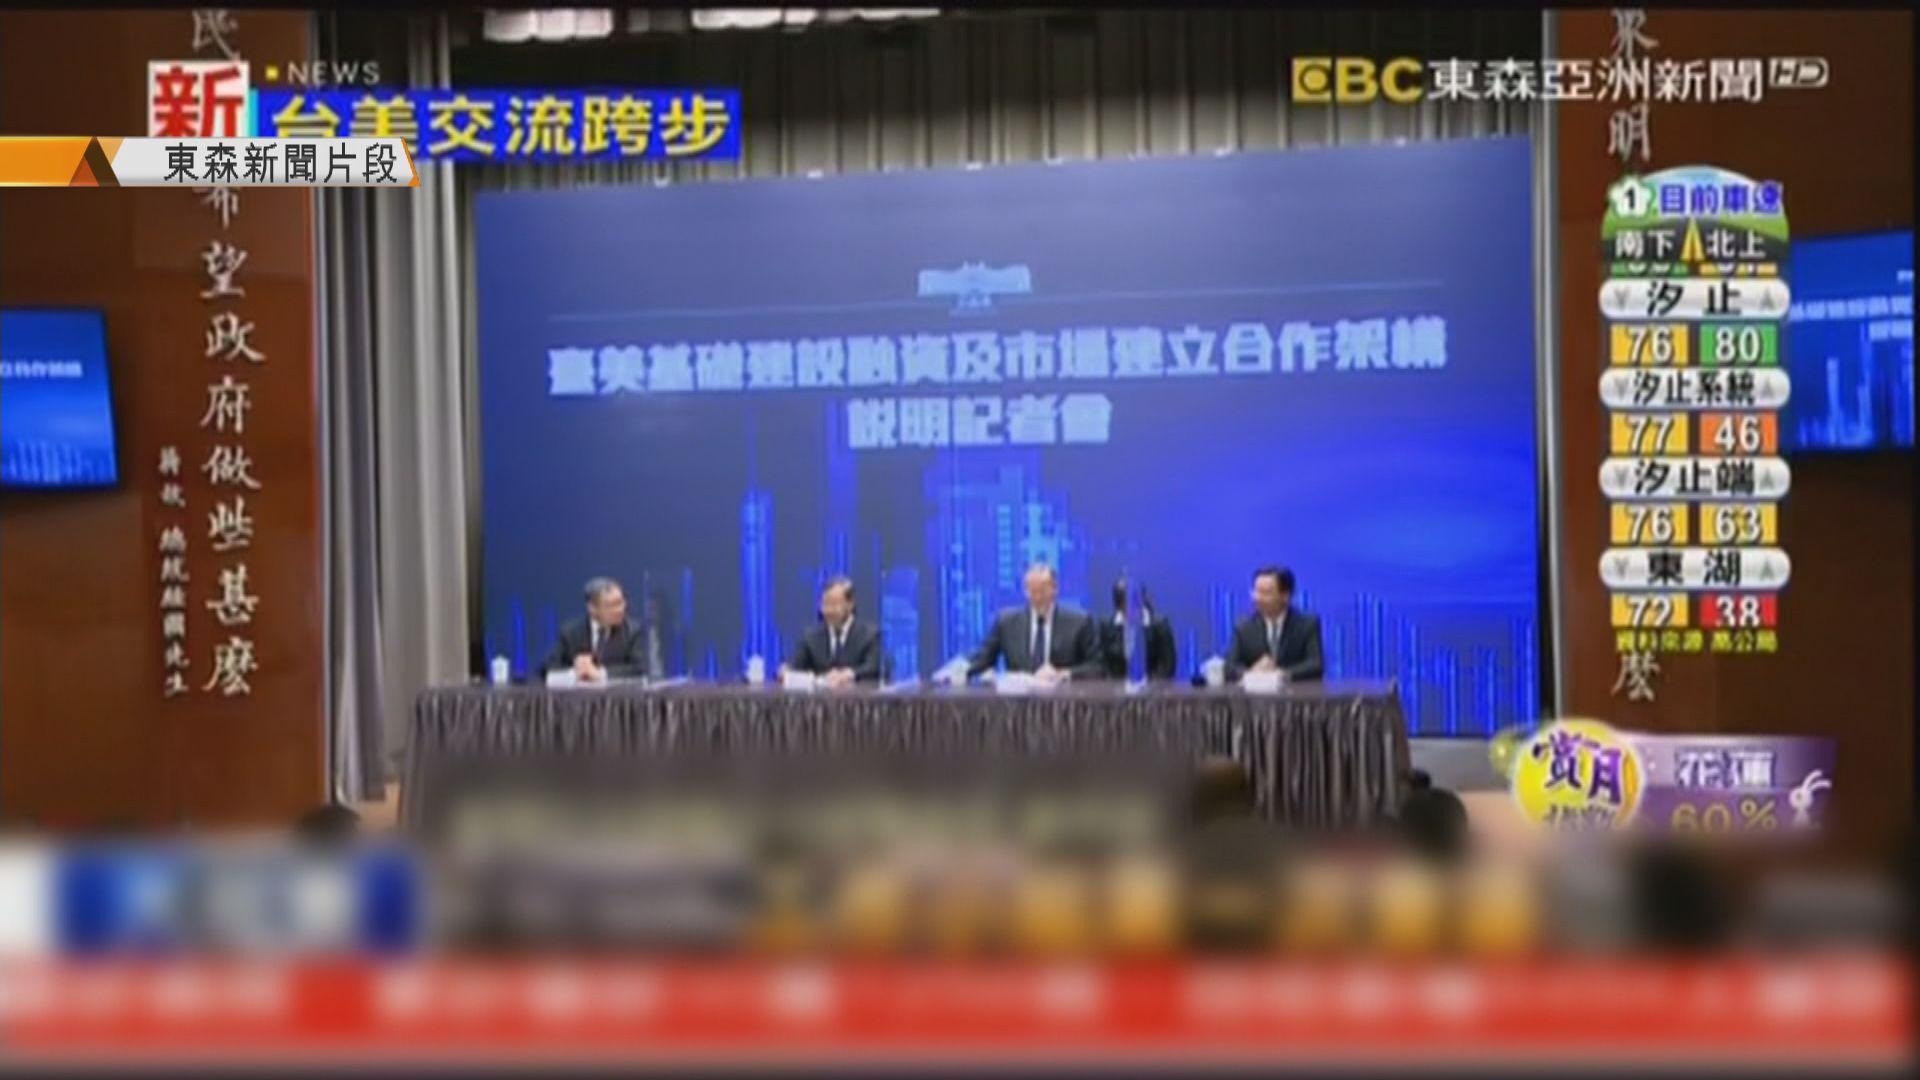 台美簽署備忘錄 加強印太戰略基建合作投資